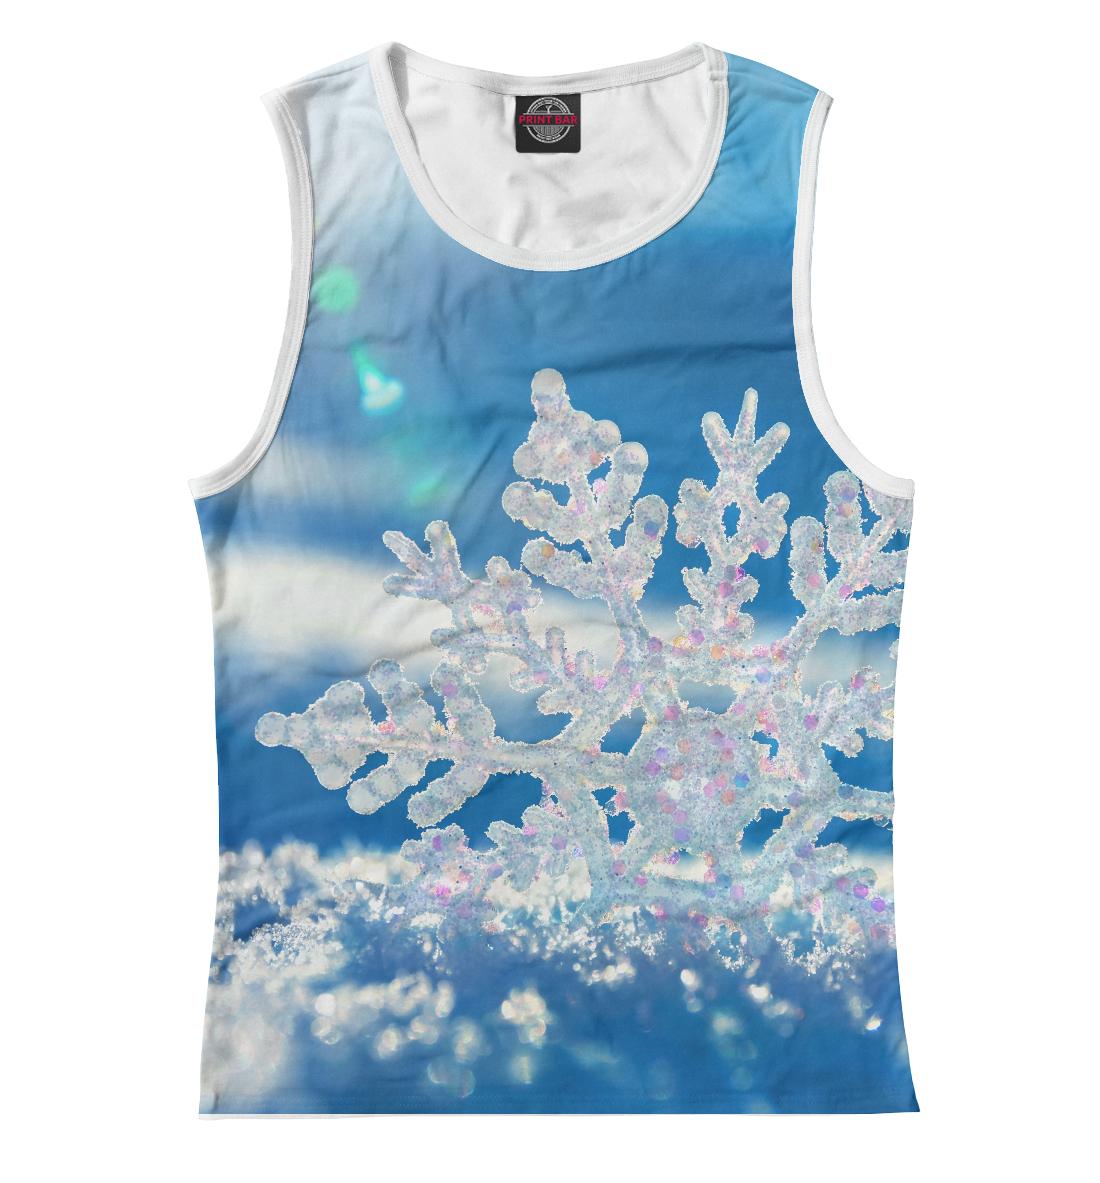 Купить Майка для девочки Снежинка MAC-534960-may-1